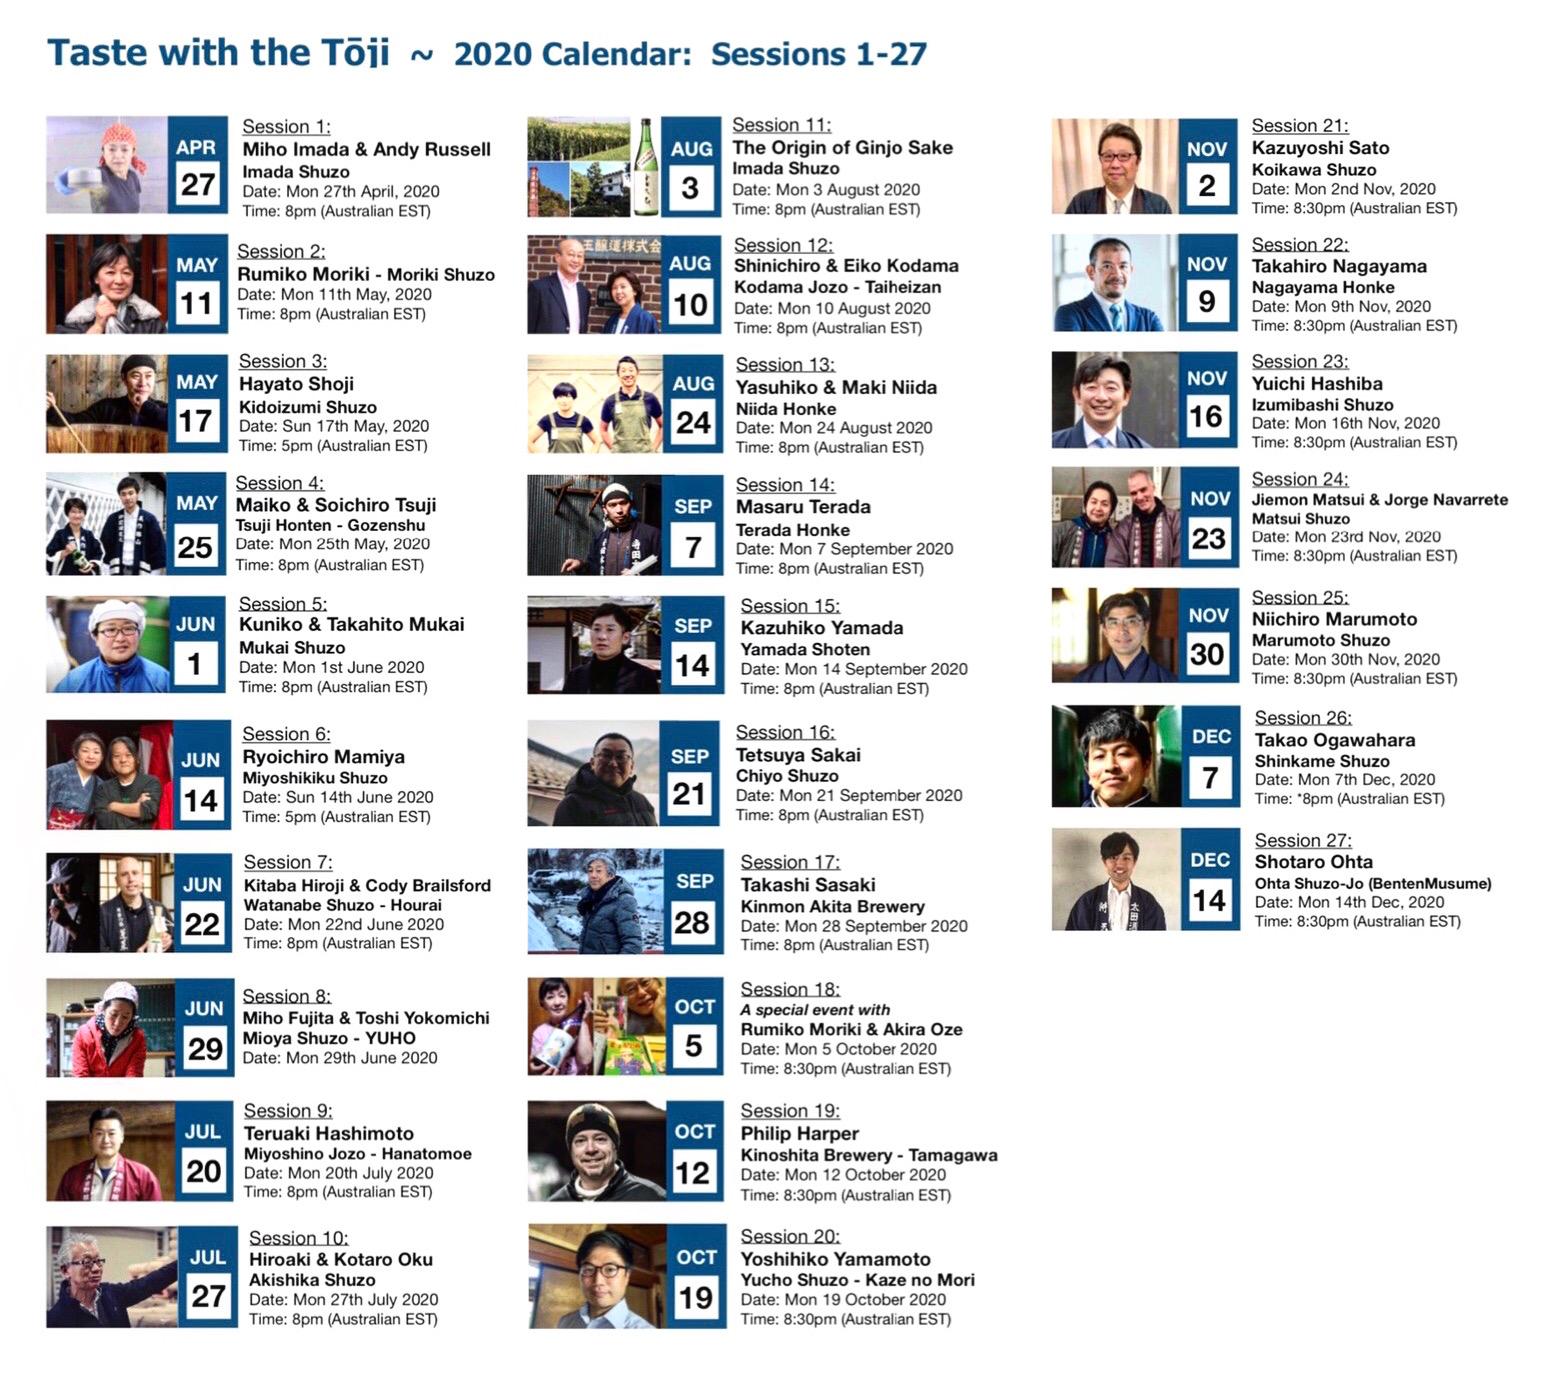 TWTT 2020 calendar